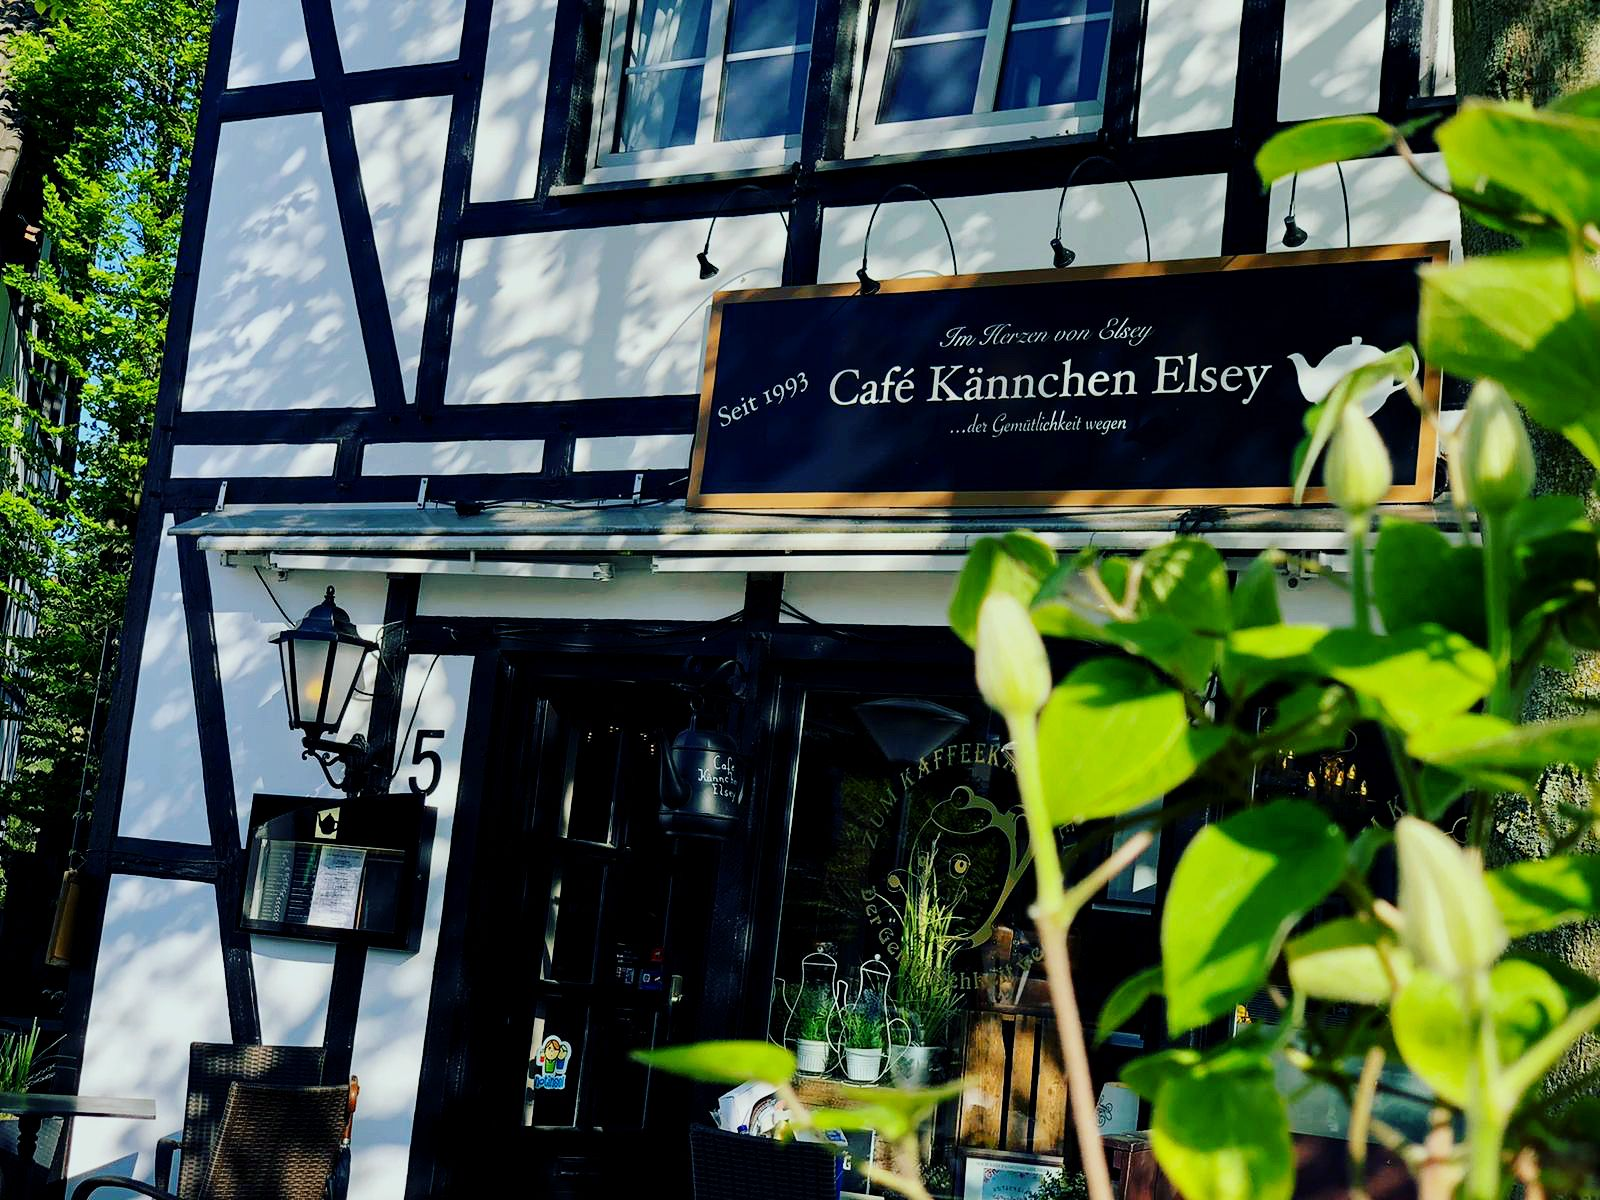 Café Kännchen Elsey